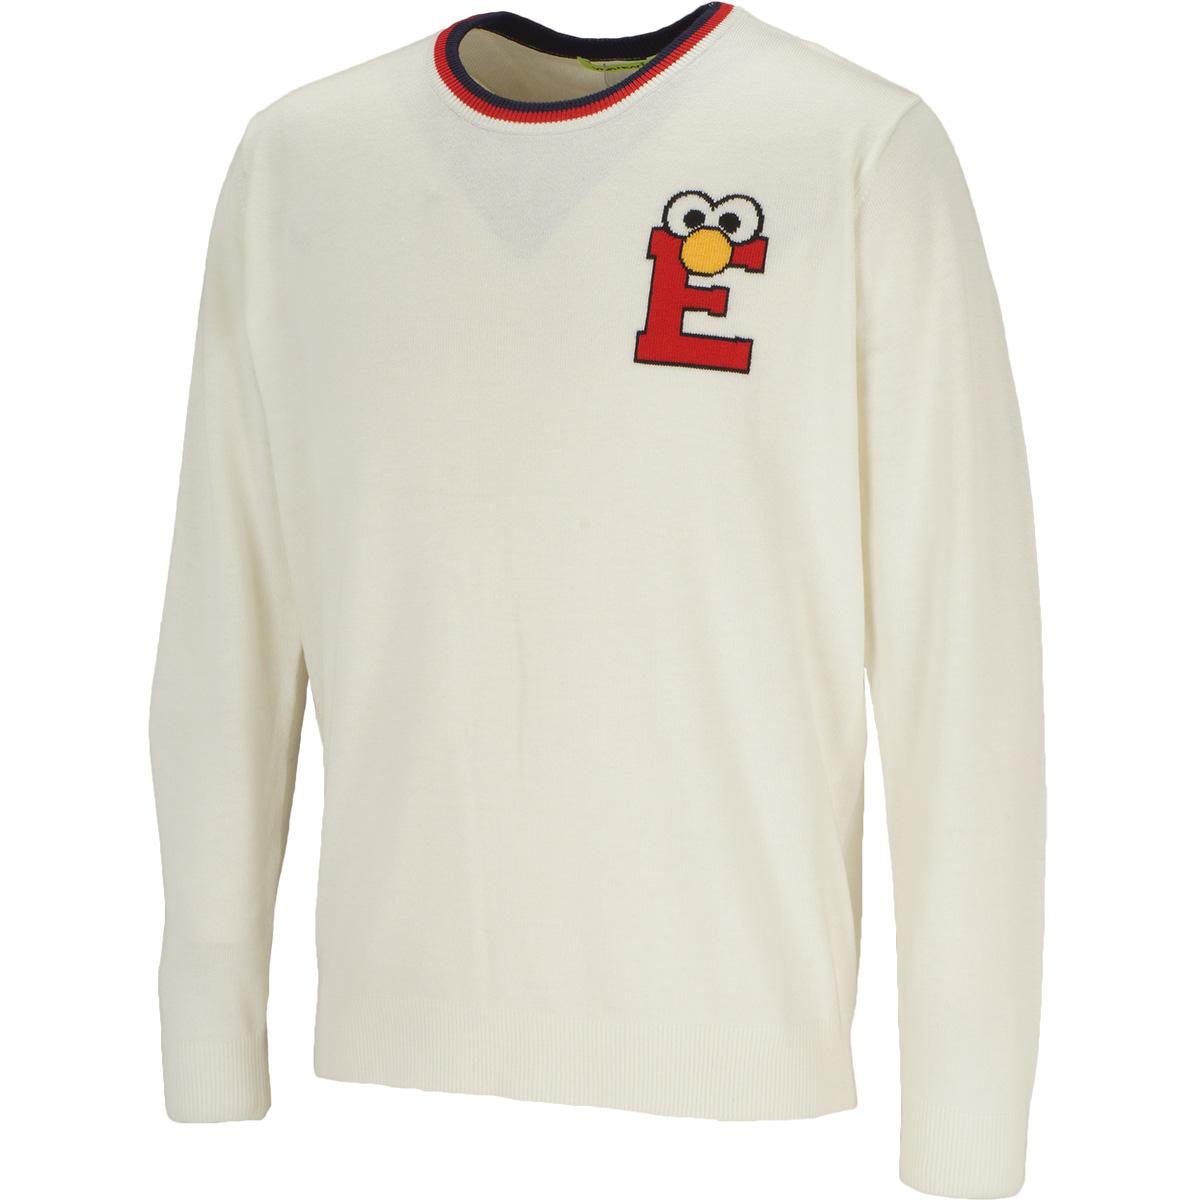 セサミ イニシャルクルーネックセーター